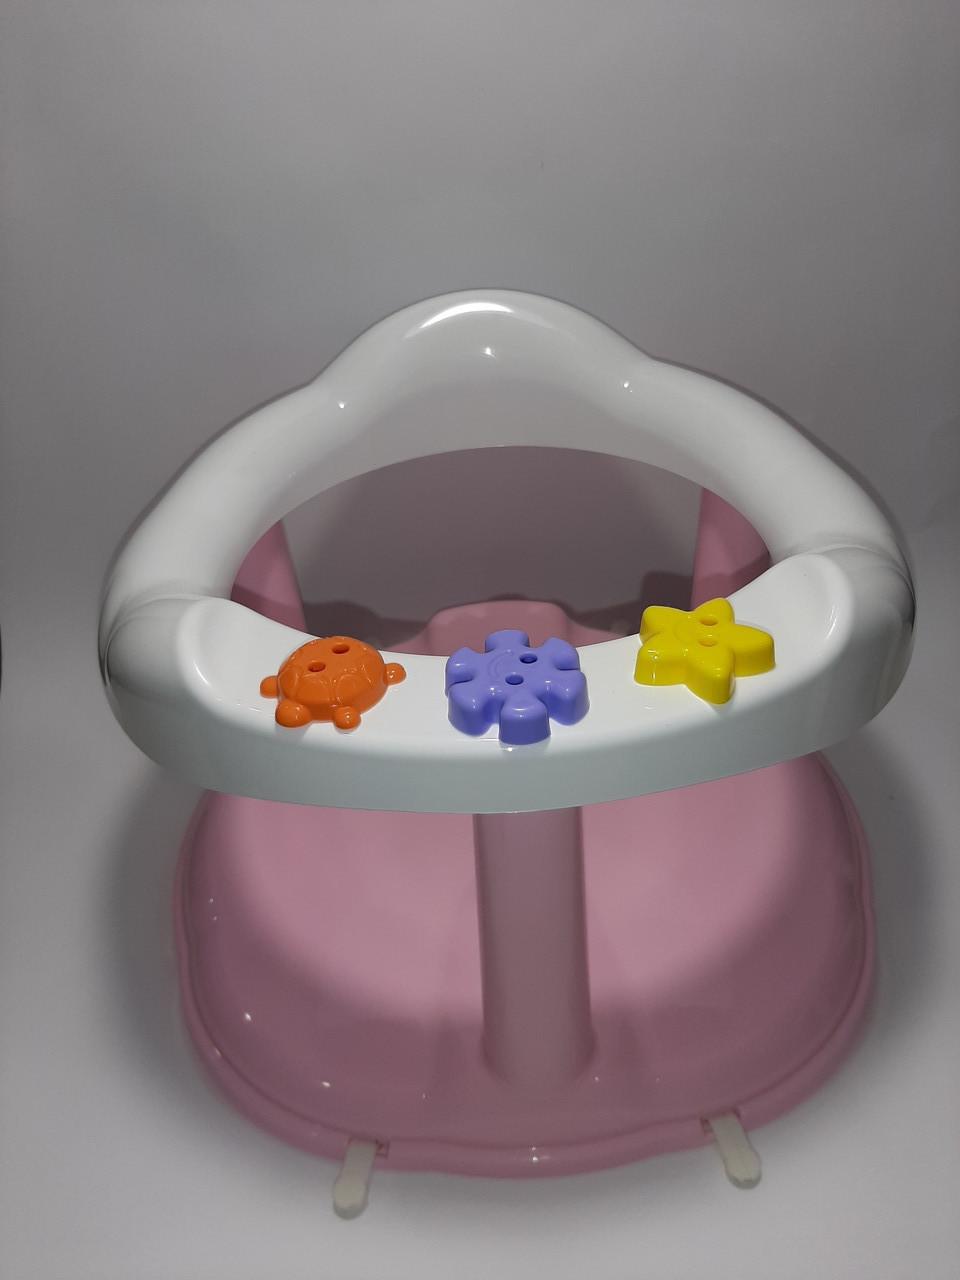 Стільчик для купання, сидіння для купання уна присосках рожевий